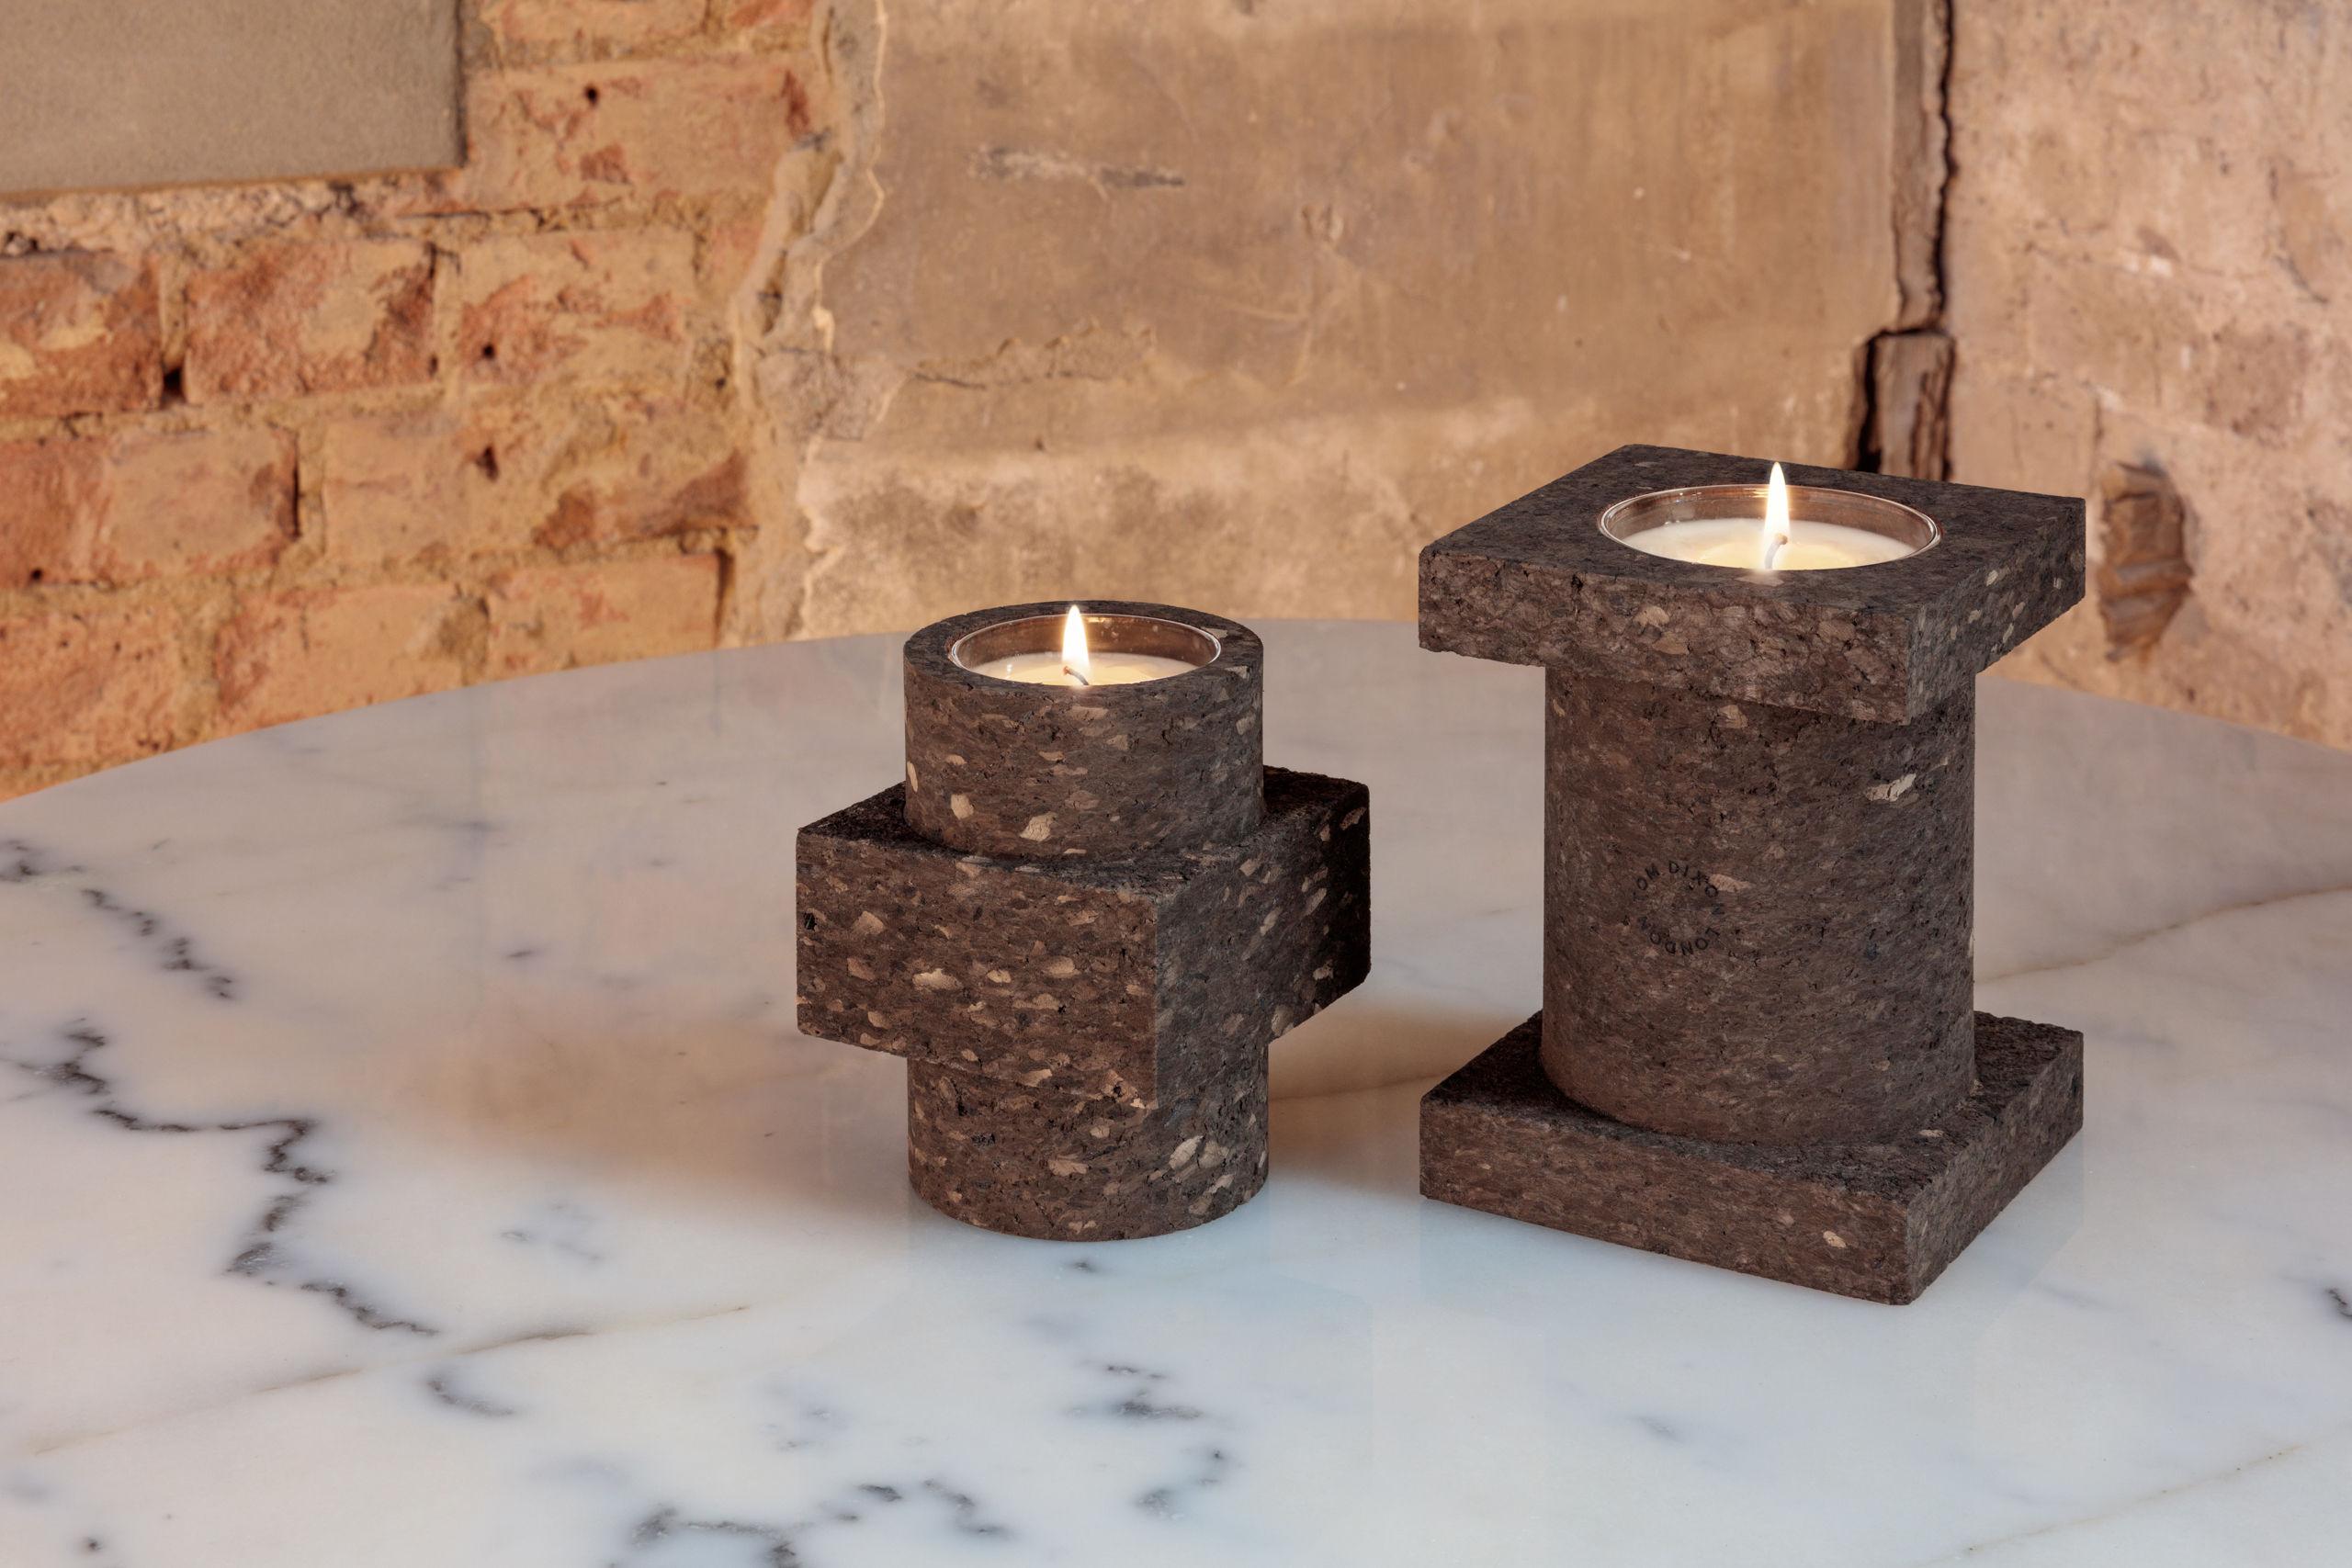 cork large kork h 16 cm tom dixon parfumierte kerze. Black Bedroom Furniture Sets. Home Design Ideas